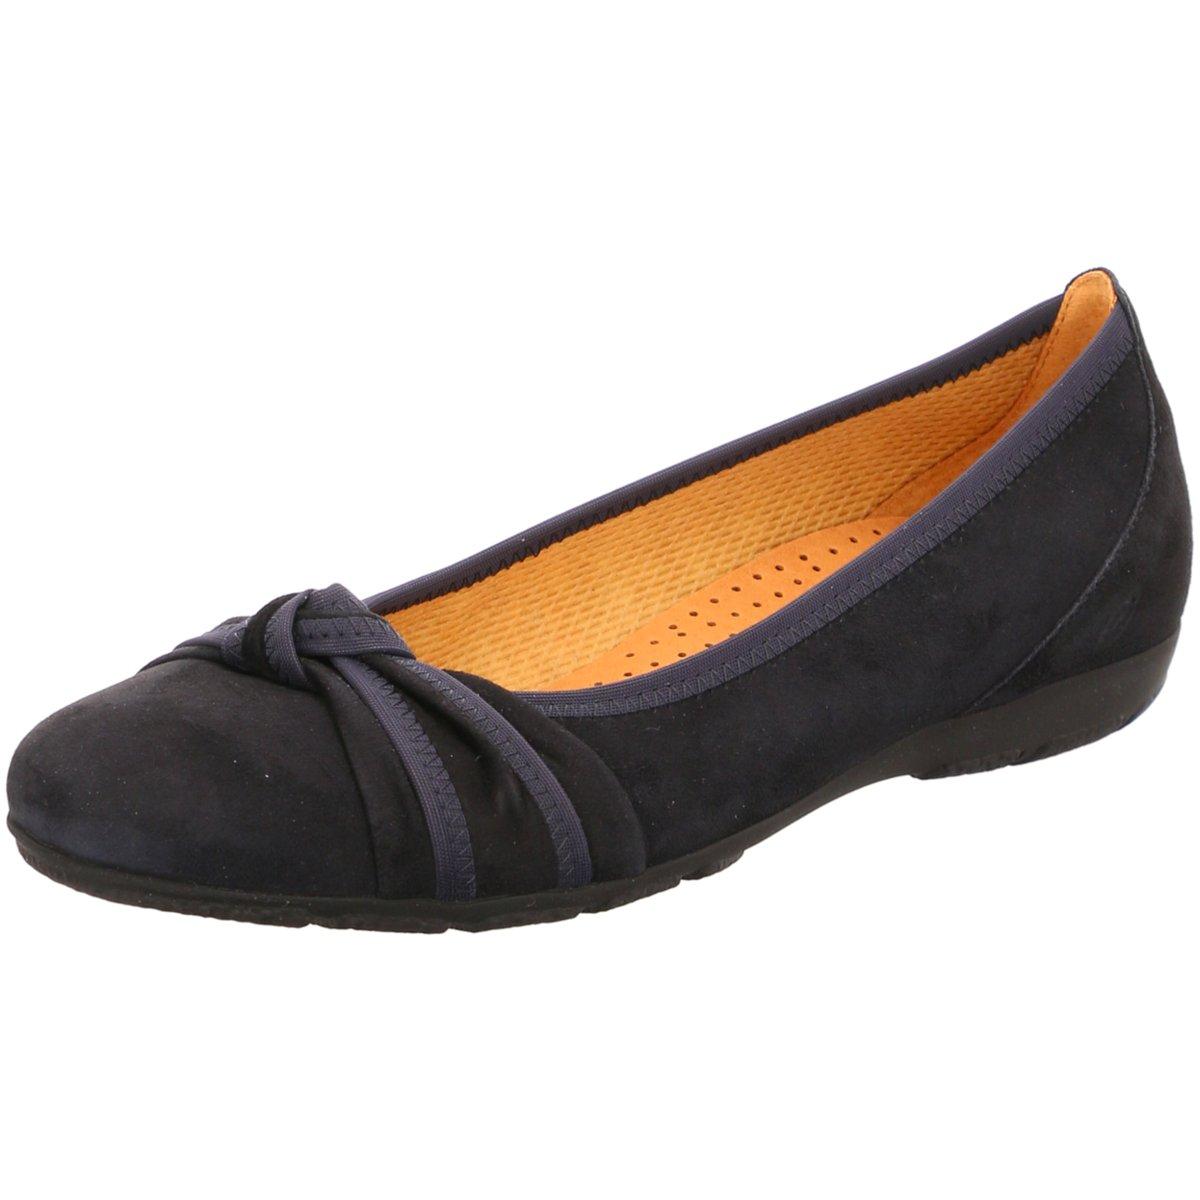 1ac4641807fe00 Das Bild wird geladen Gabor-Damen-Ballerinas-24-162-16-blau-159032